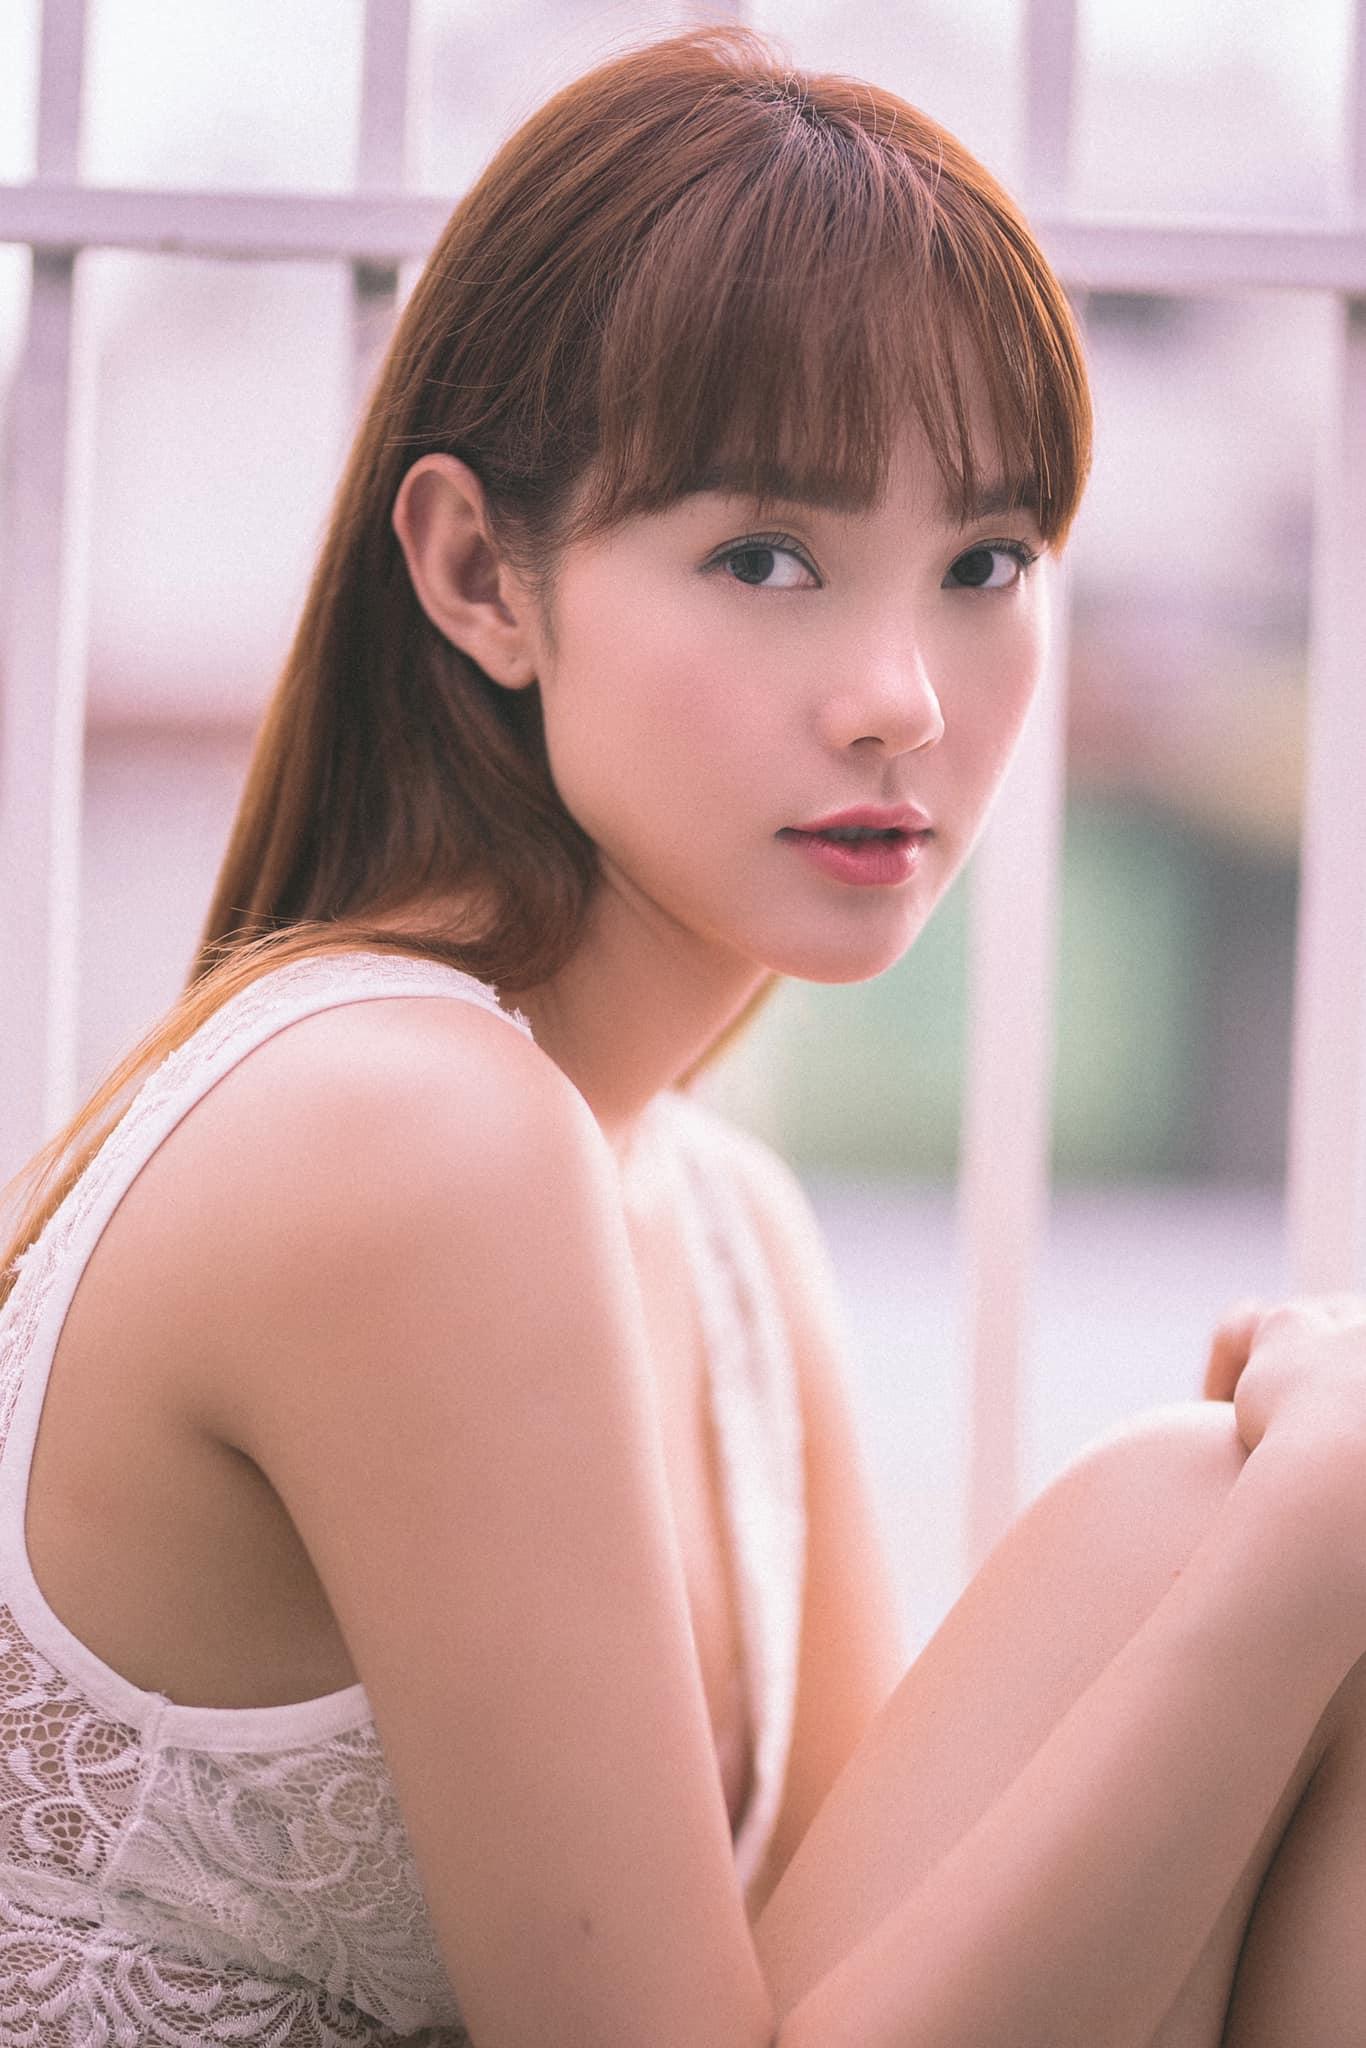 Minh Hằng diện quần 15cm, trẻ đẹp tựa thiếu nữ ngập tràn sức sống - 3